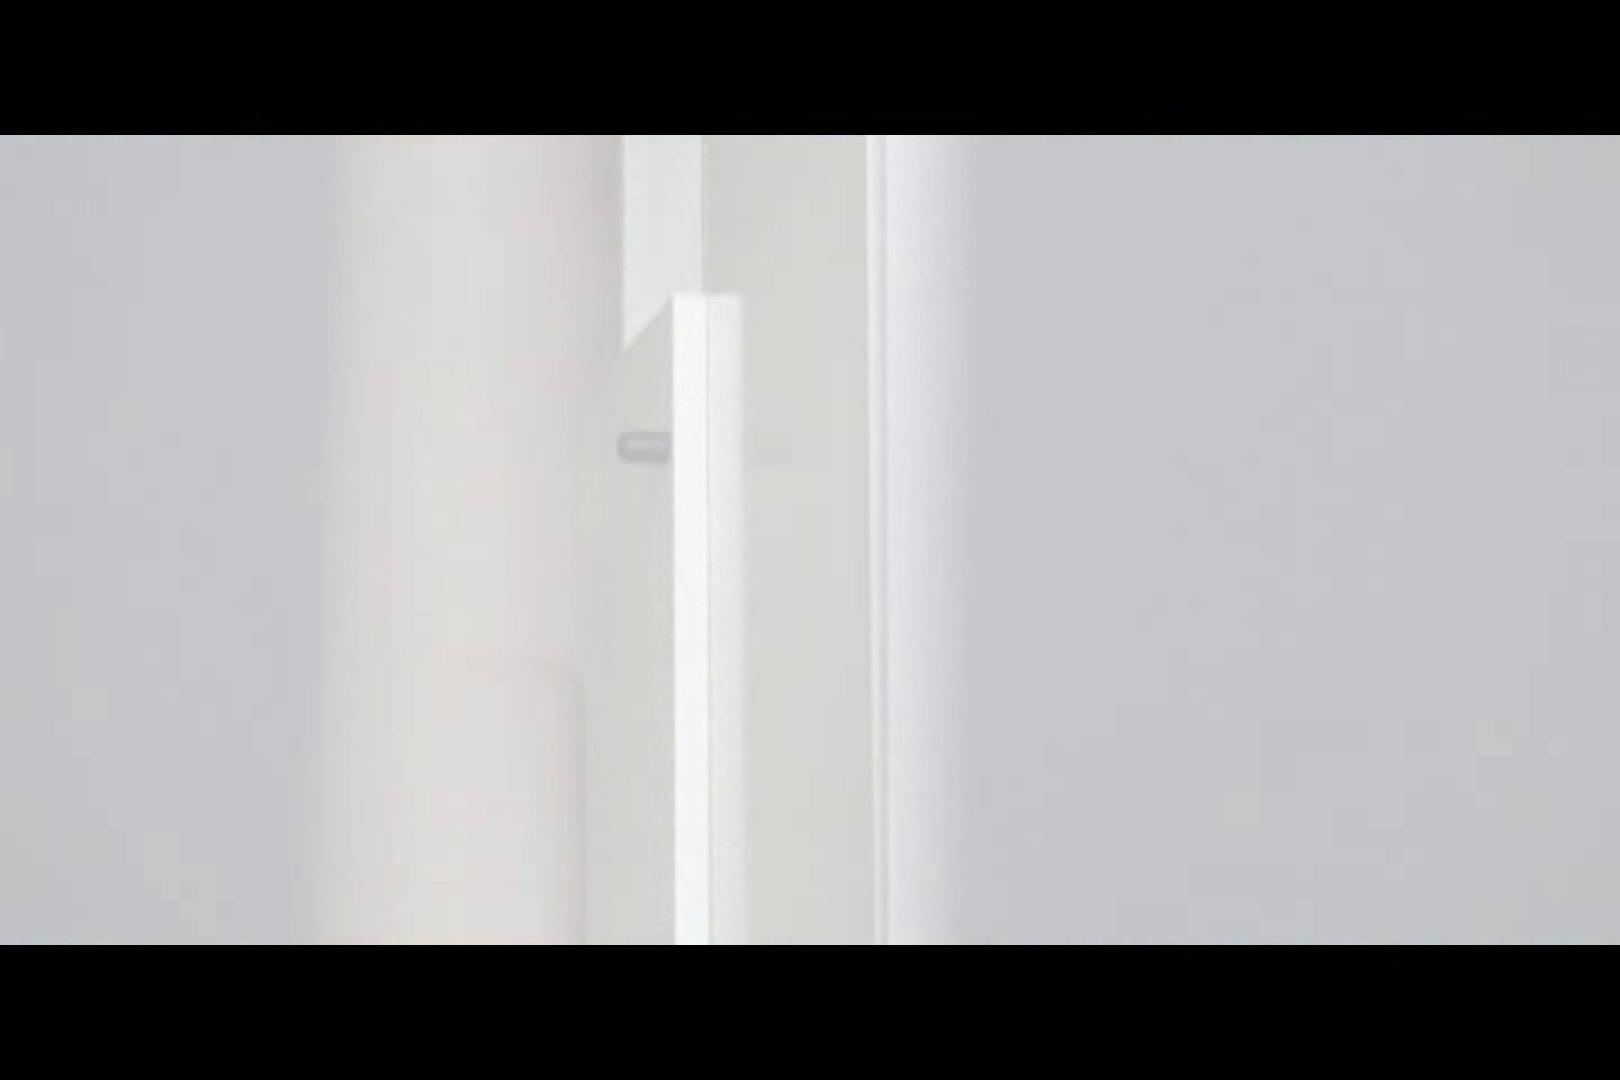 独占配信!無修正! 看護女子寮 vol.06 投稿  24Pix 2